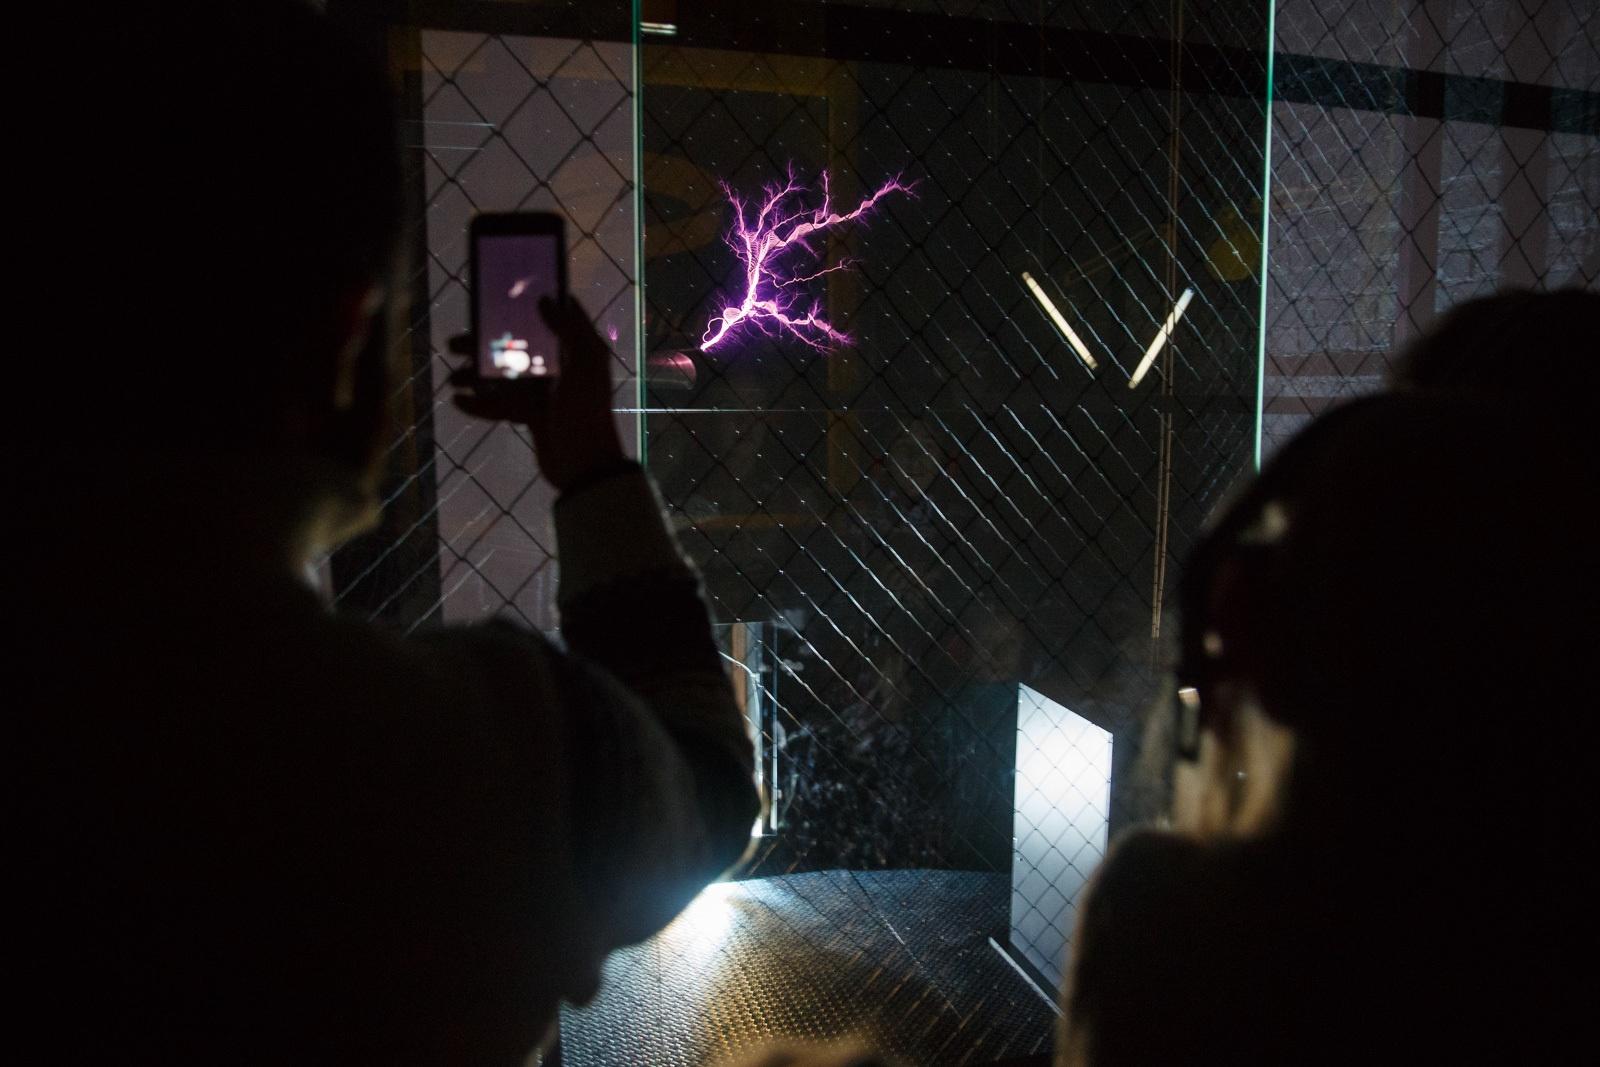 Как Тесла встретился с Ландау, или Гайд по строительству комнаты высоких энергий - 40